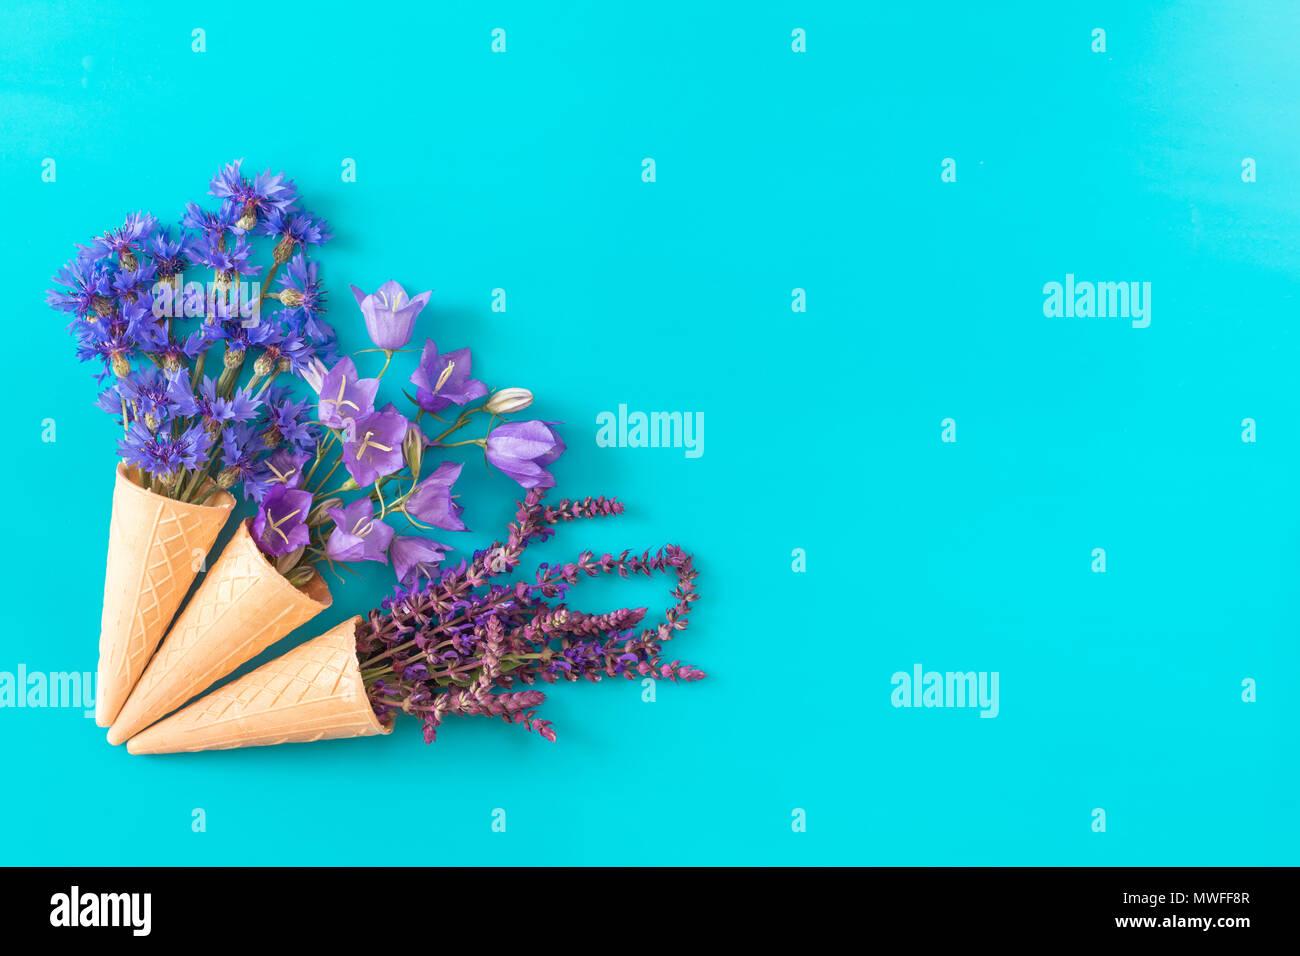 Tres conos waffle con el tomillo, el aciano, Blue Bells y flores blancas florecen ramos sobre la superficie azul. Vista superior de la lay, plano de fondo floral. Imagen De Stock